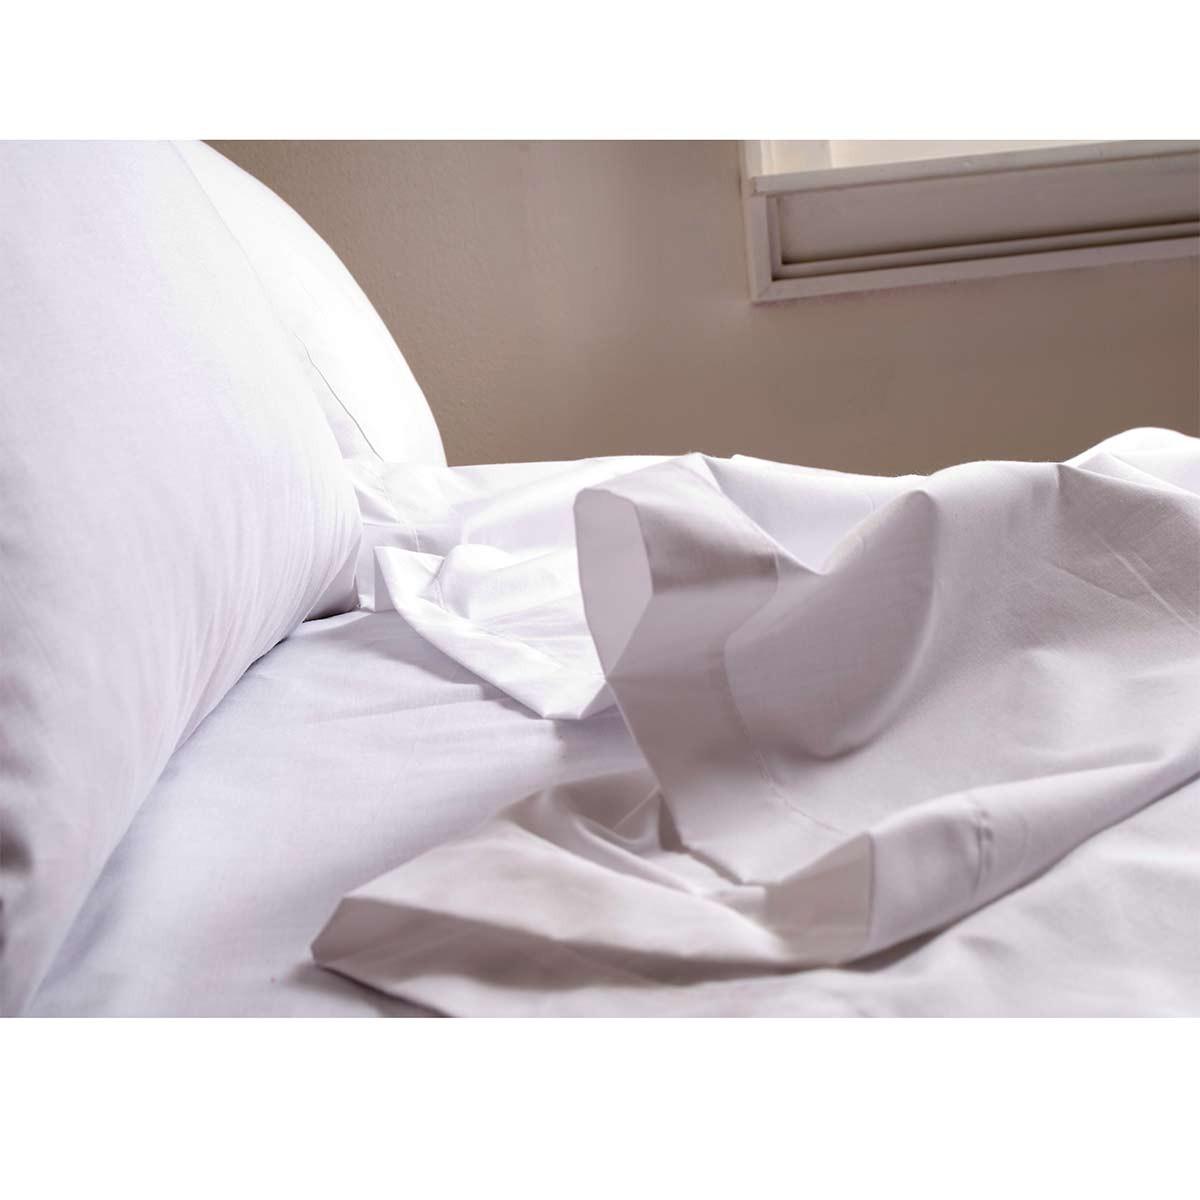 Σεντόνι Υπέρδιπλο Λευκό (240×280) Melinen Βαμβάκι Περκάλι 200TC